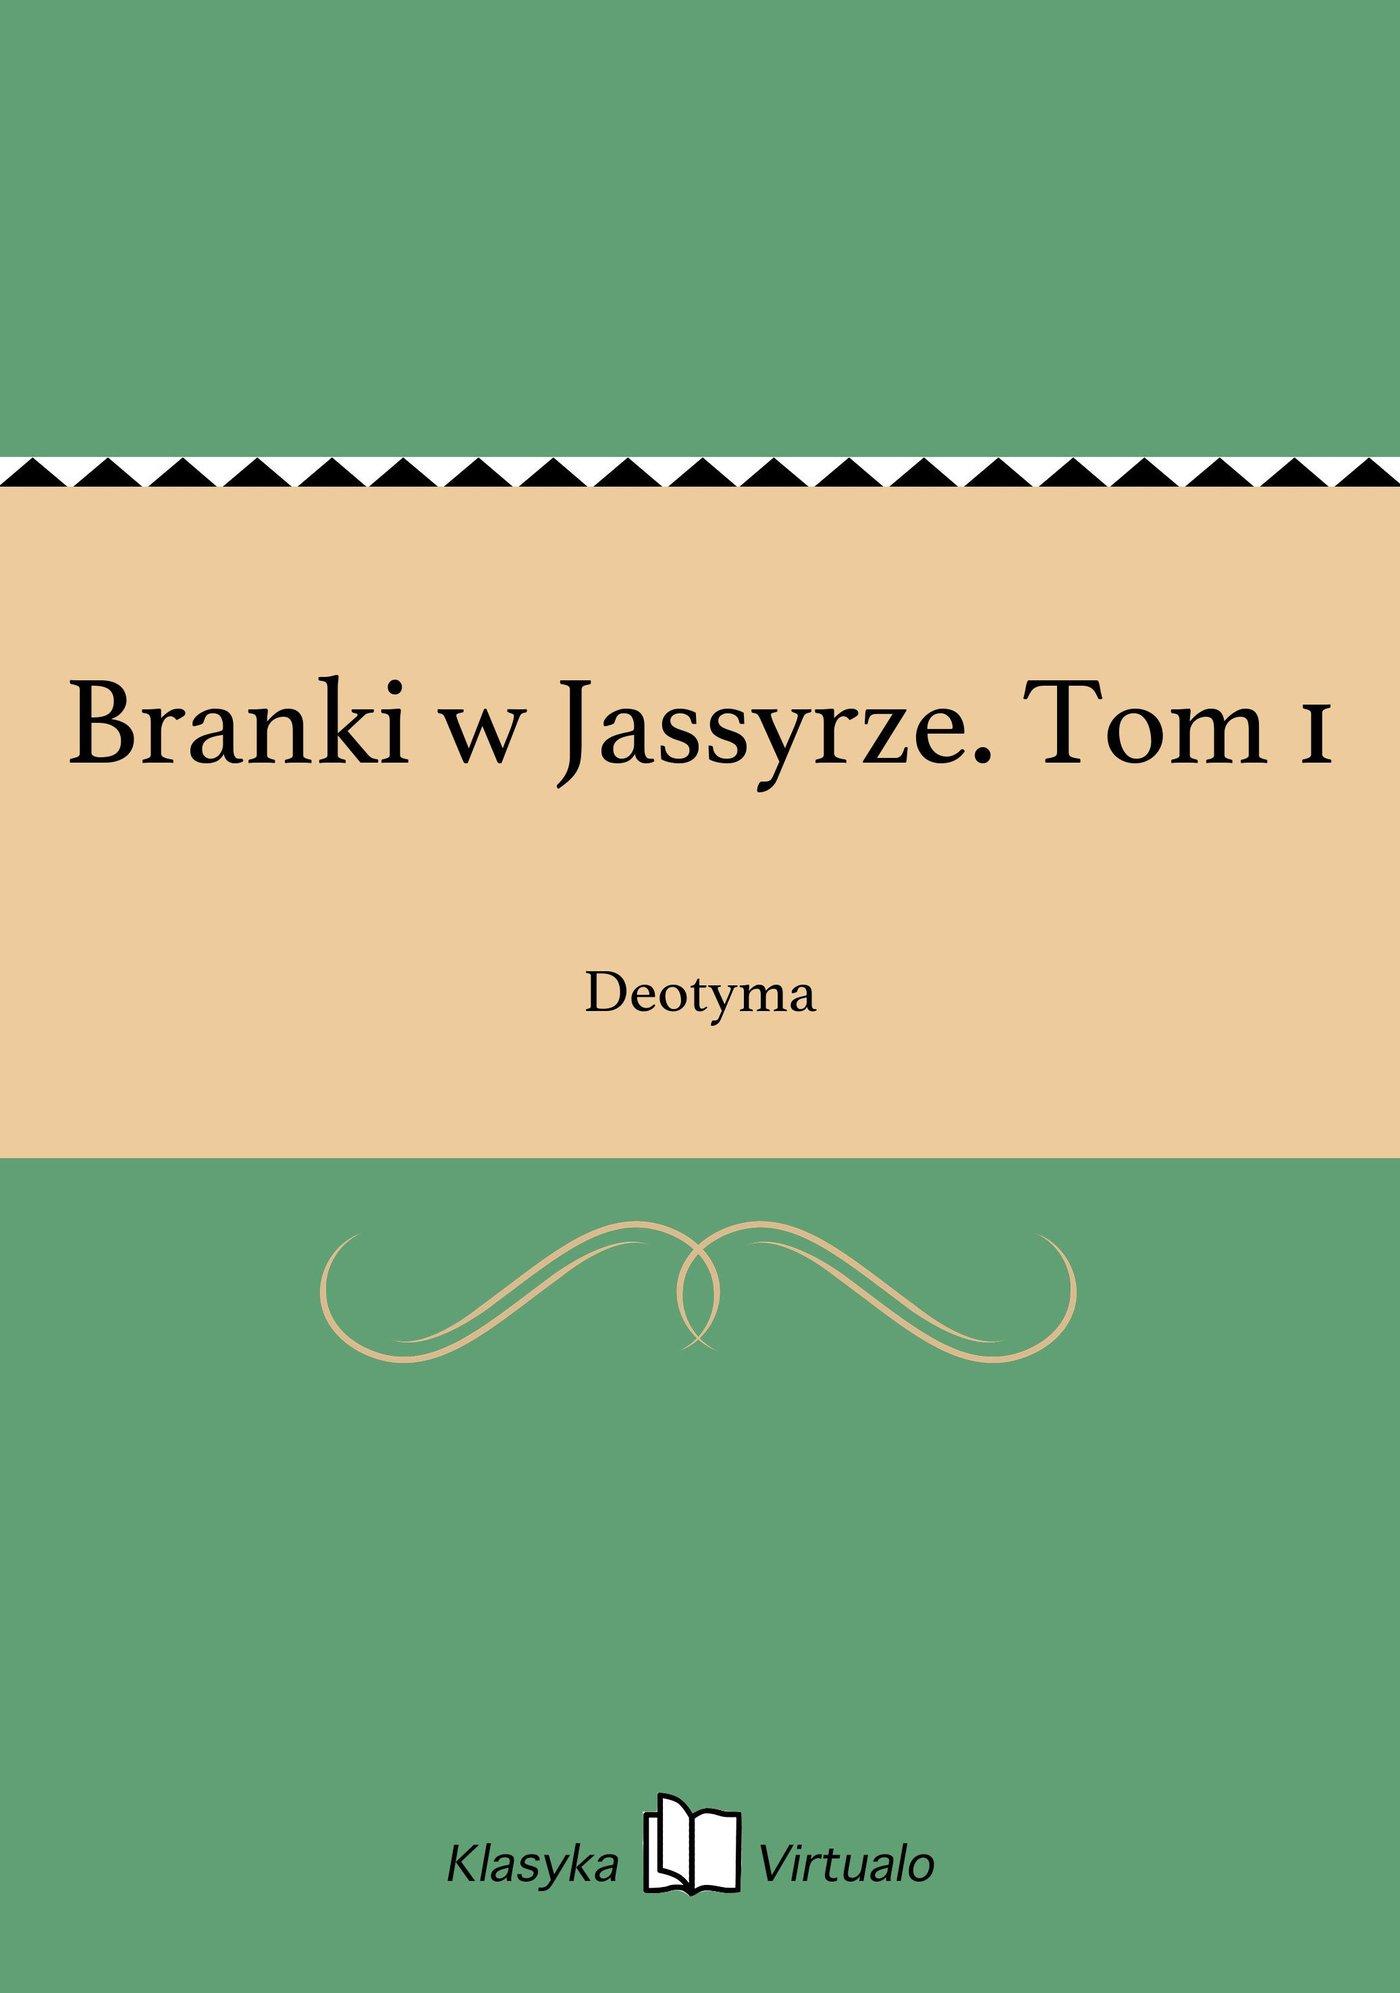 Branki w Jassyrze. Tom 1 - Ebook (Książka EPUB) do pobrania w formacie EPUB